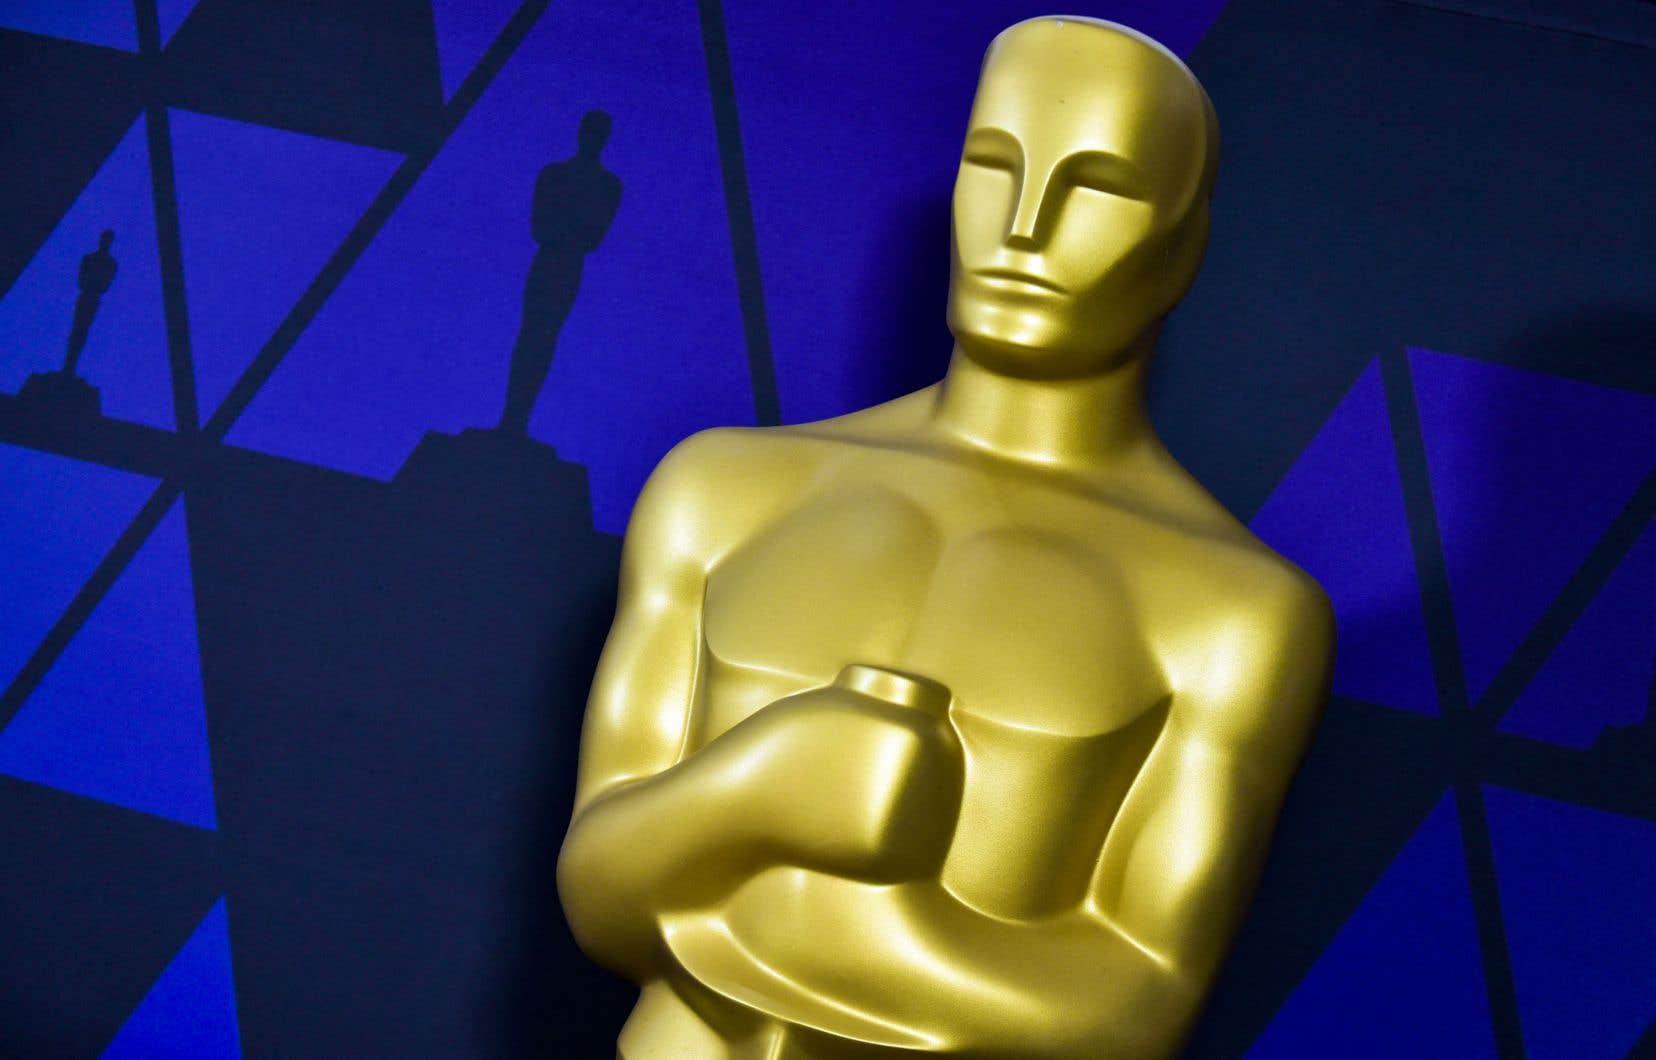 Pour cette cuvée cinéma singulière qu'est celle de 2021, l'Académie des arts et des sciences du cinéma a nommé huit œuvres dans la prestigieuse catégorie du meilleur film.